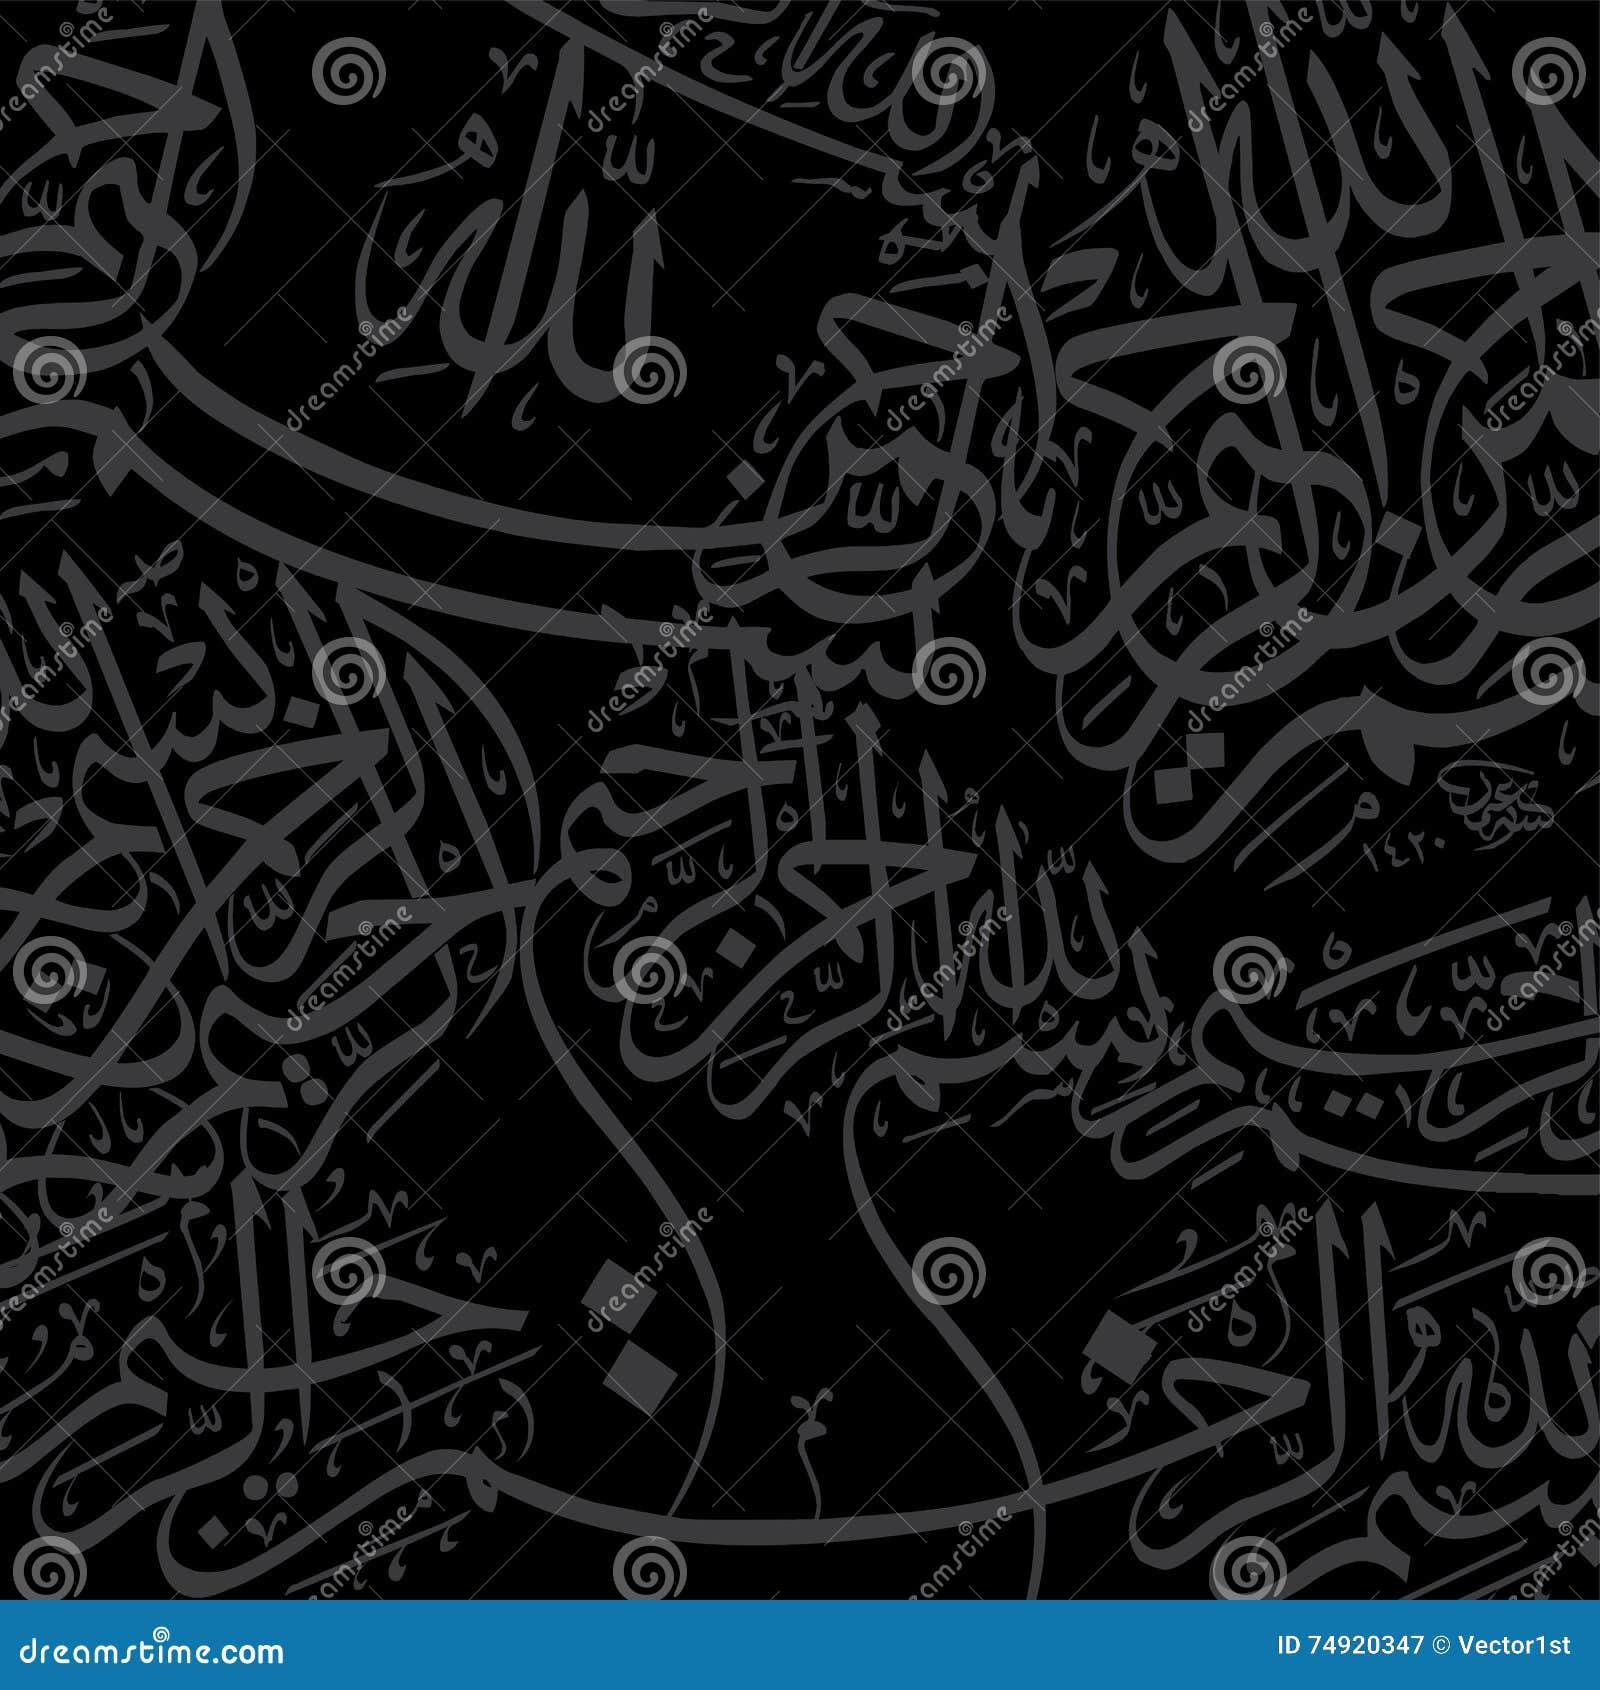 Black Islamic Calligraphy Background Stock Image Image